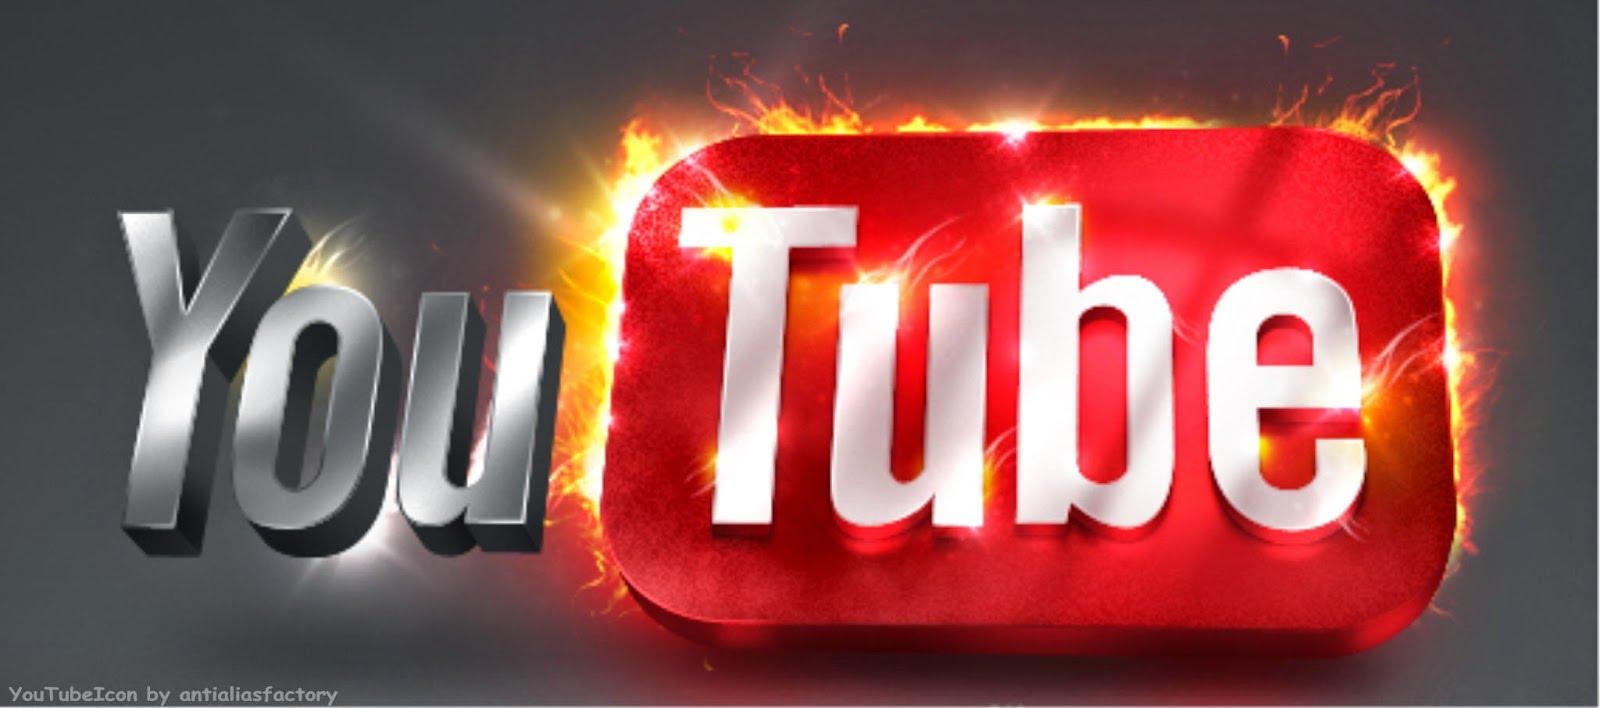 تحميل قناة يوتيوب كاملة